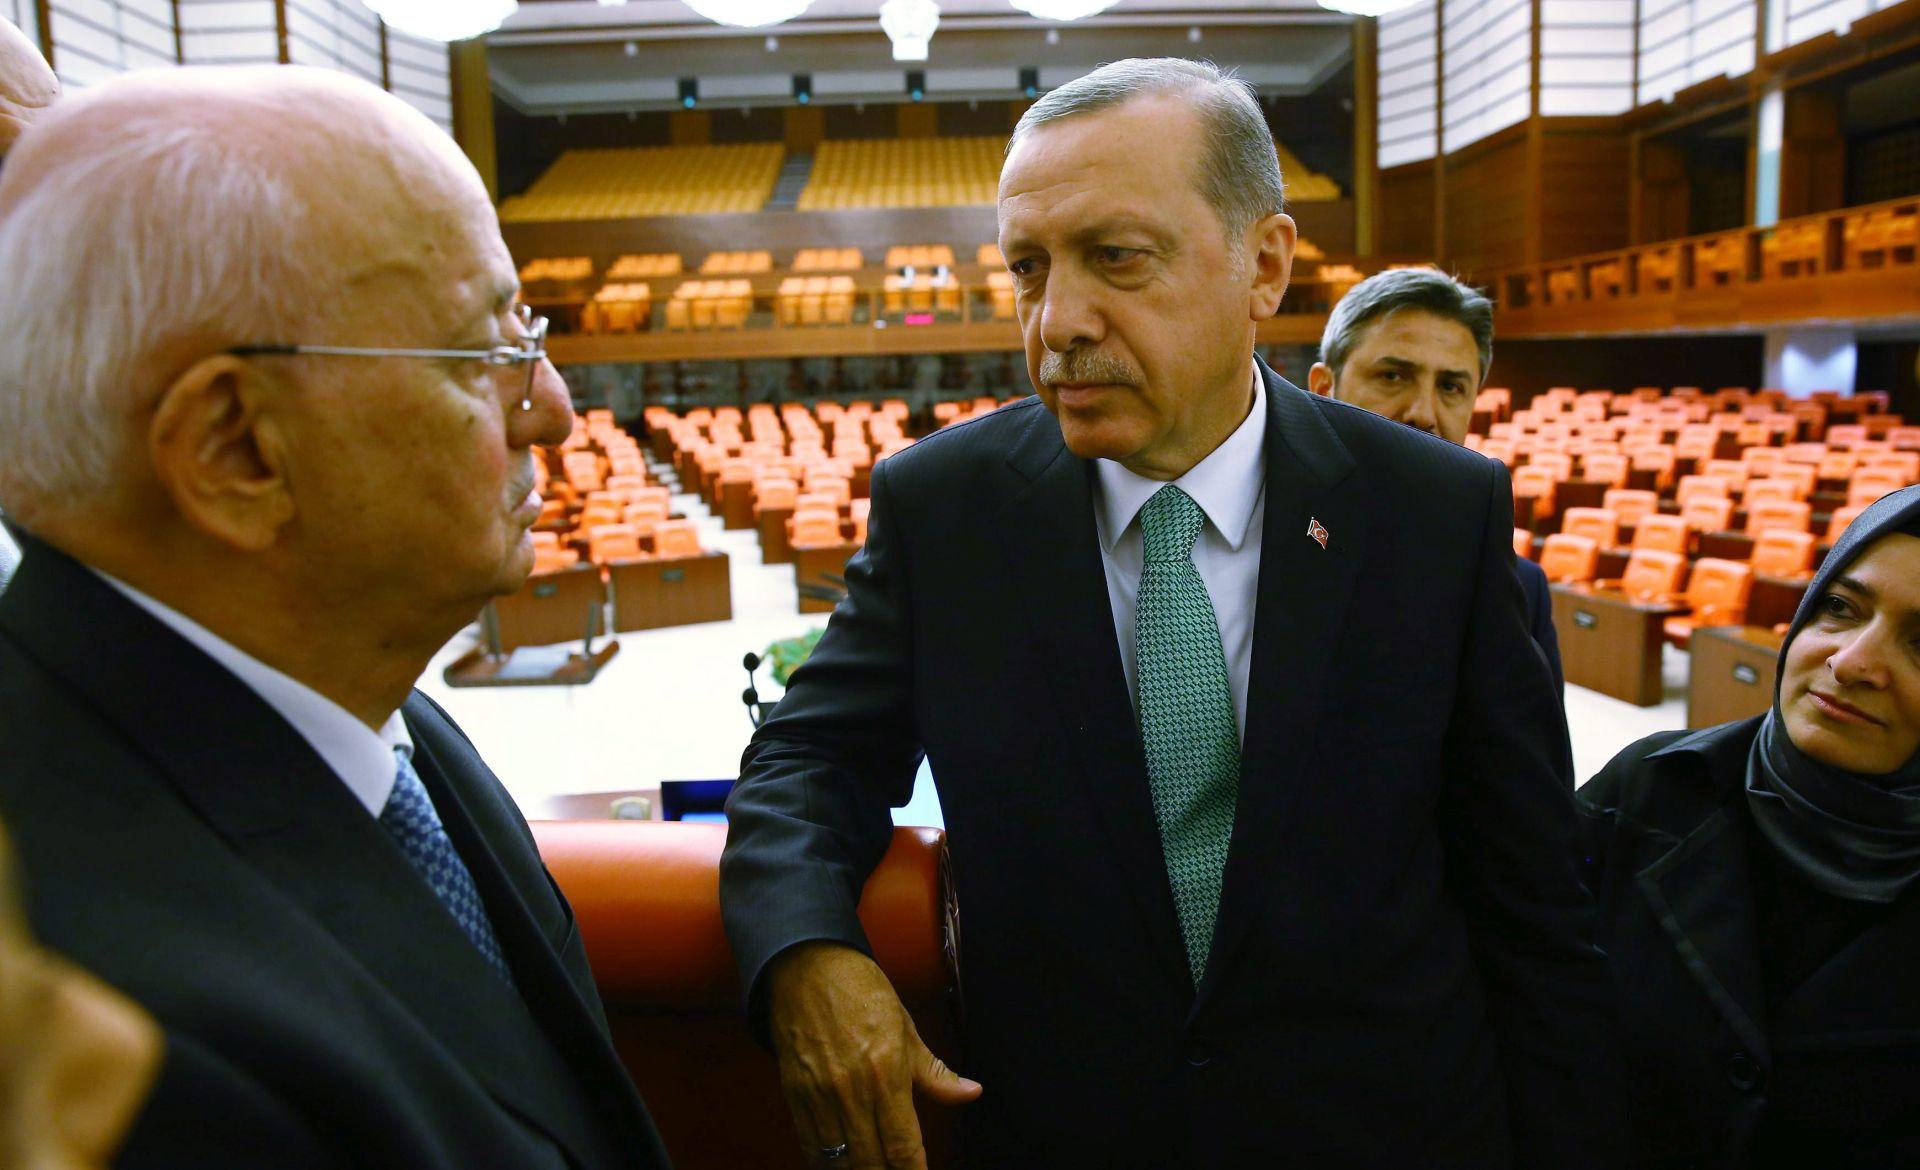 NEUSPJELI VOJNI UDAR: Turska traži izručenje 32 diplomata koji su u bijegu